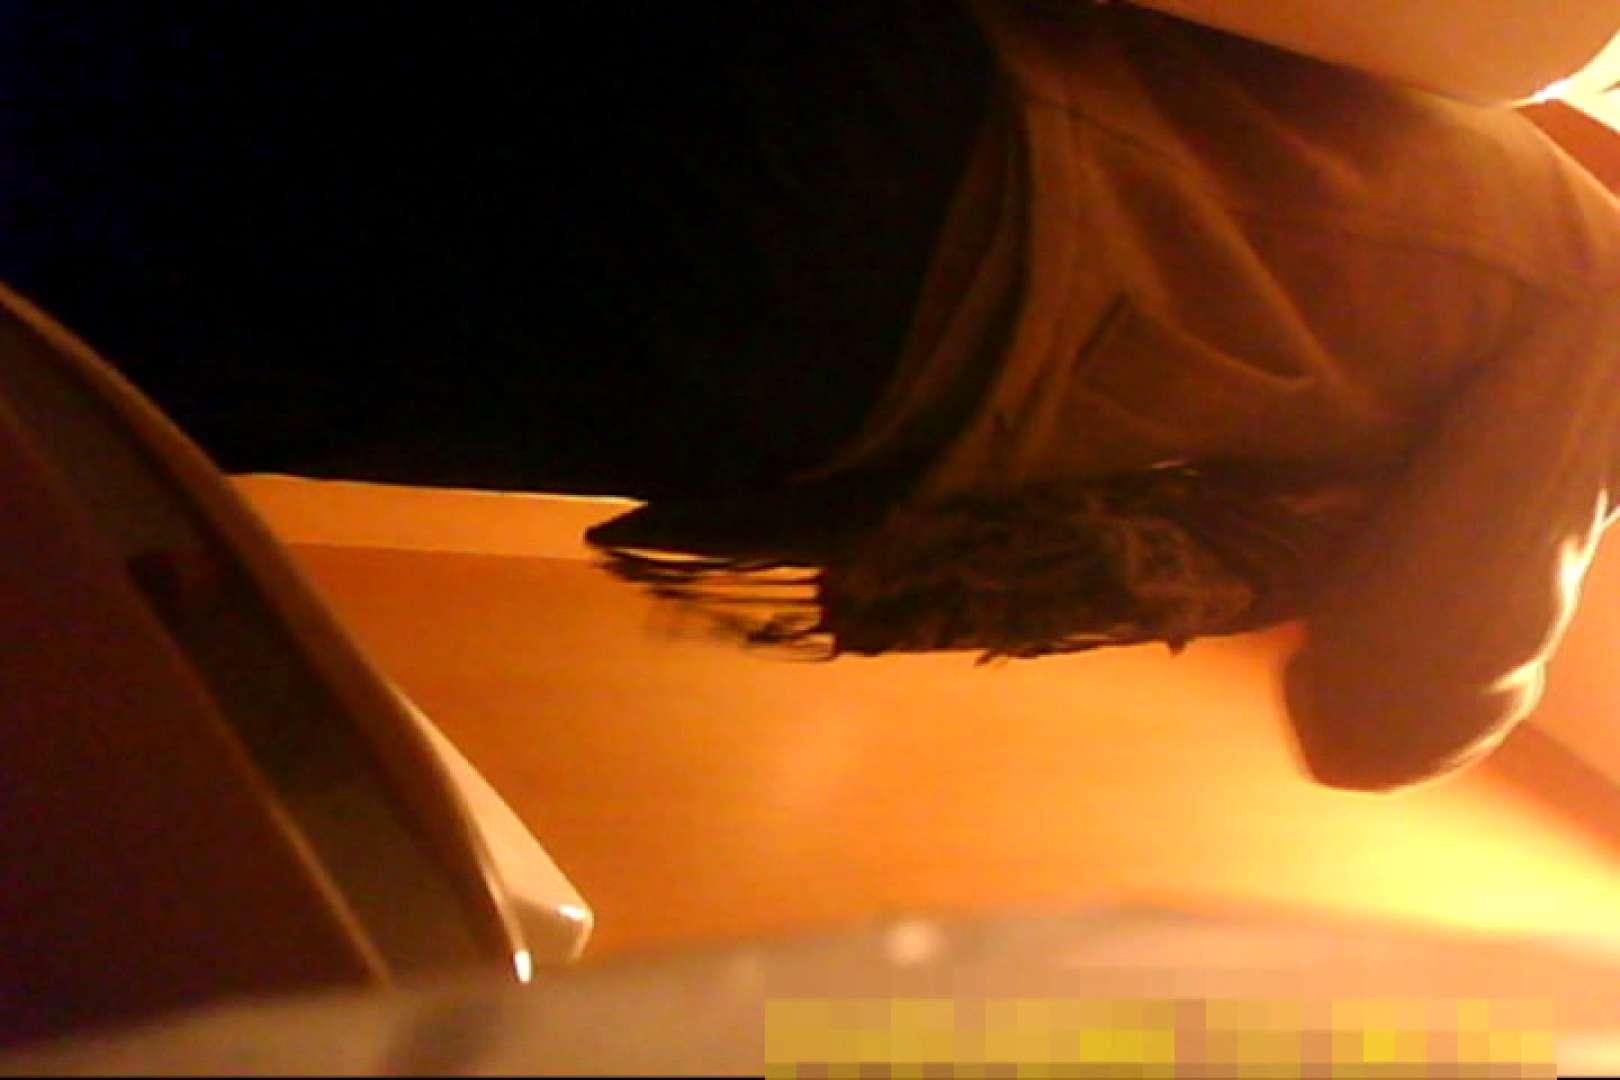 魅惑の化粧室~禁断のプライベート空間~vol.6 いやらしいOL おめこ無修正動画無料 78連発 9